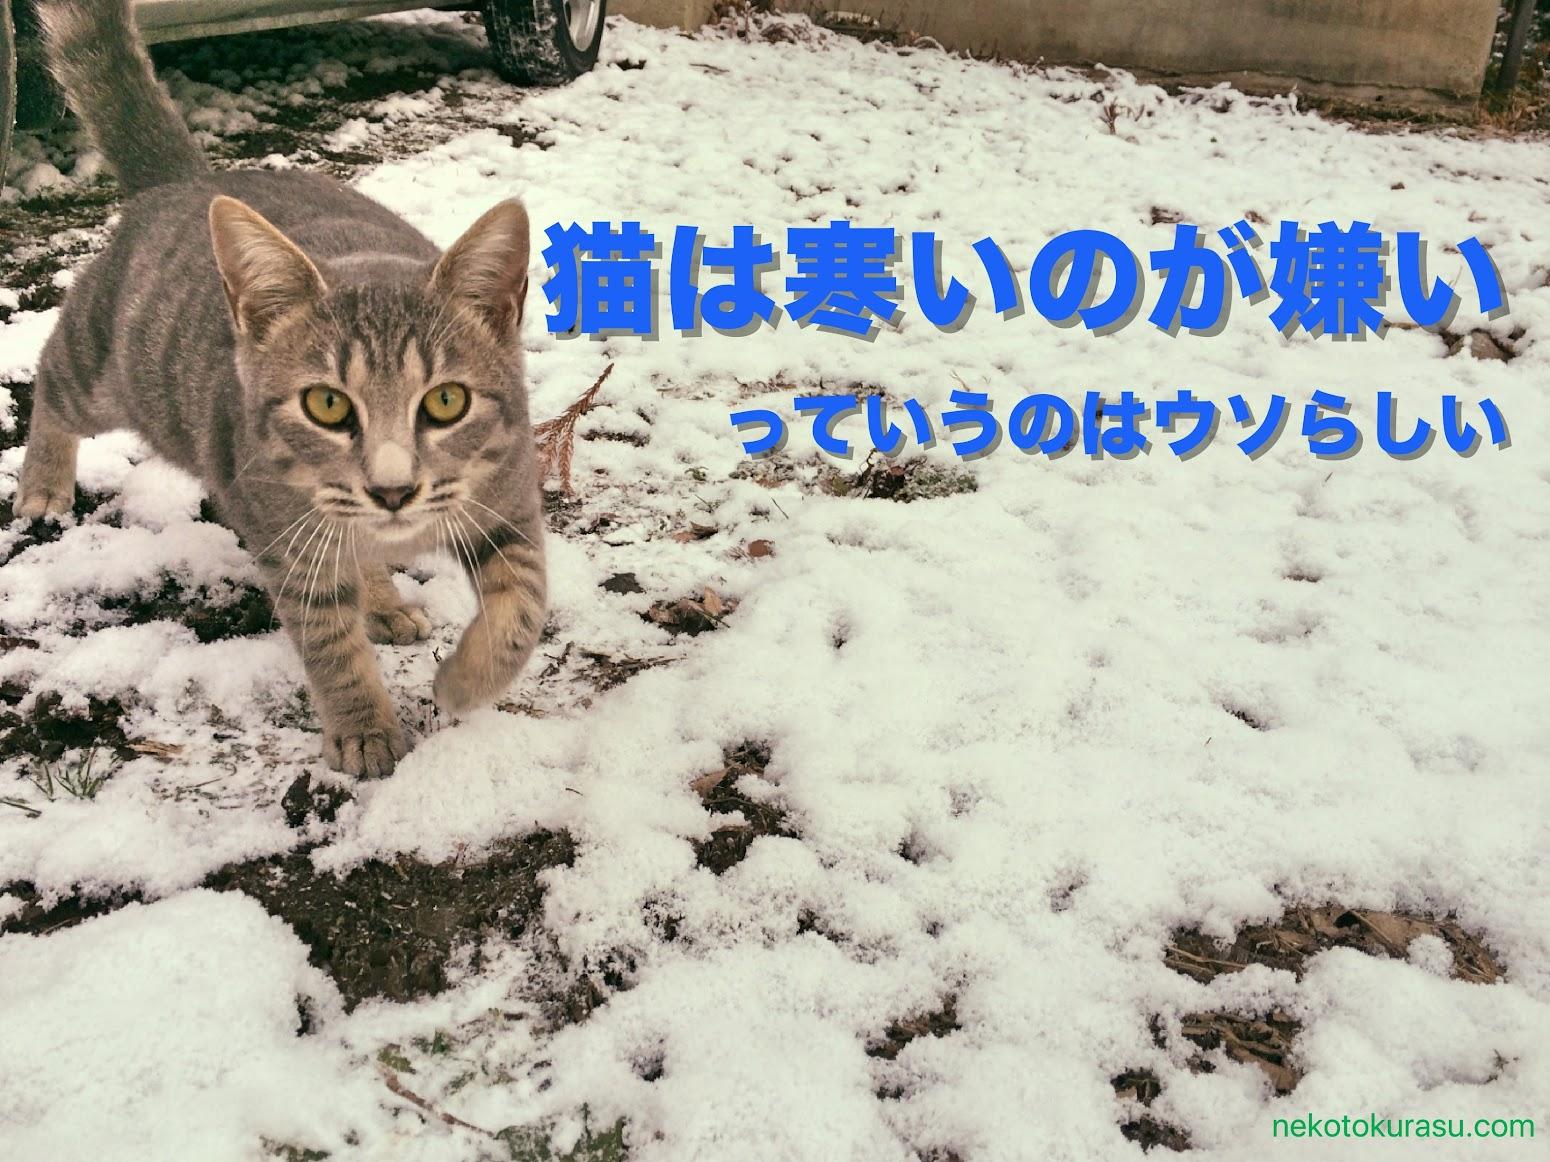 猫の雪遊び 猫は寒いのが嫌い というのは 嘘 らしい